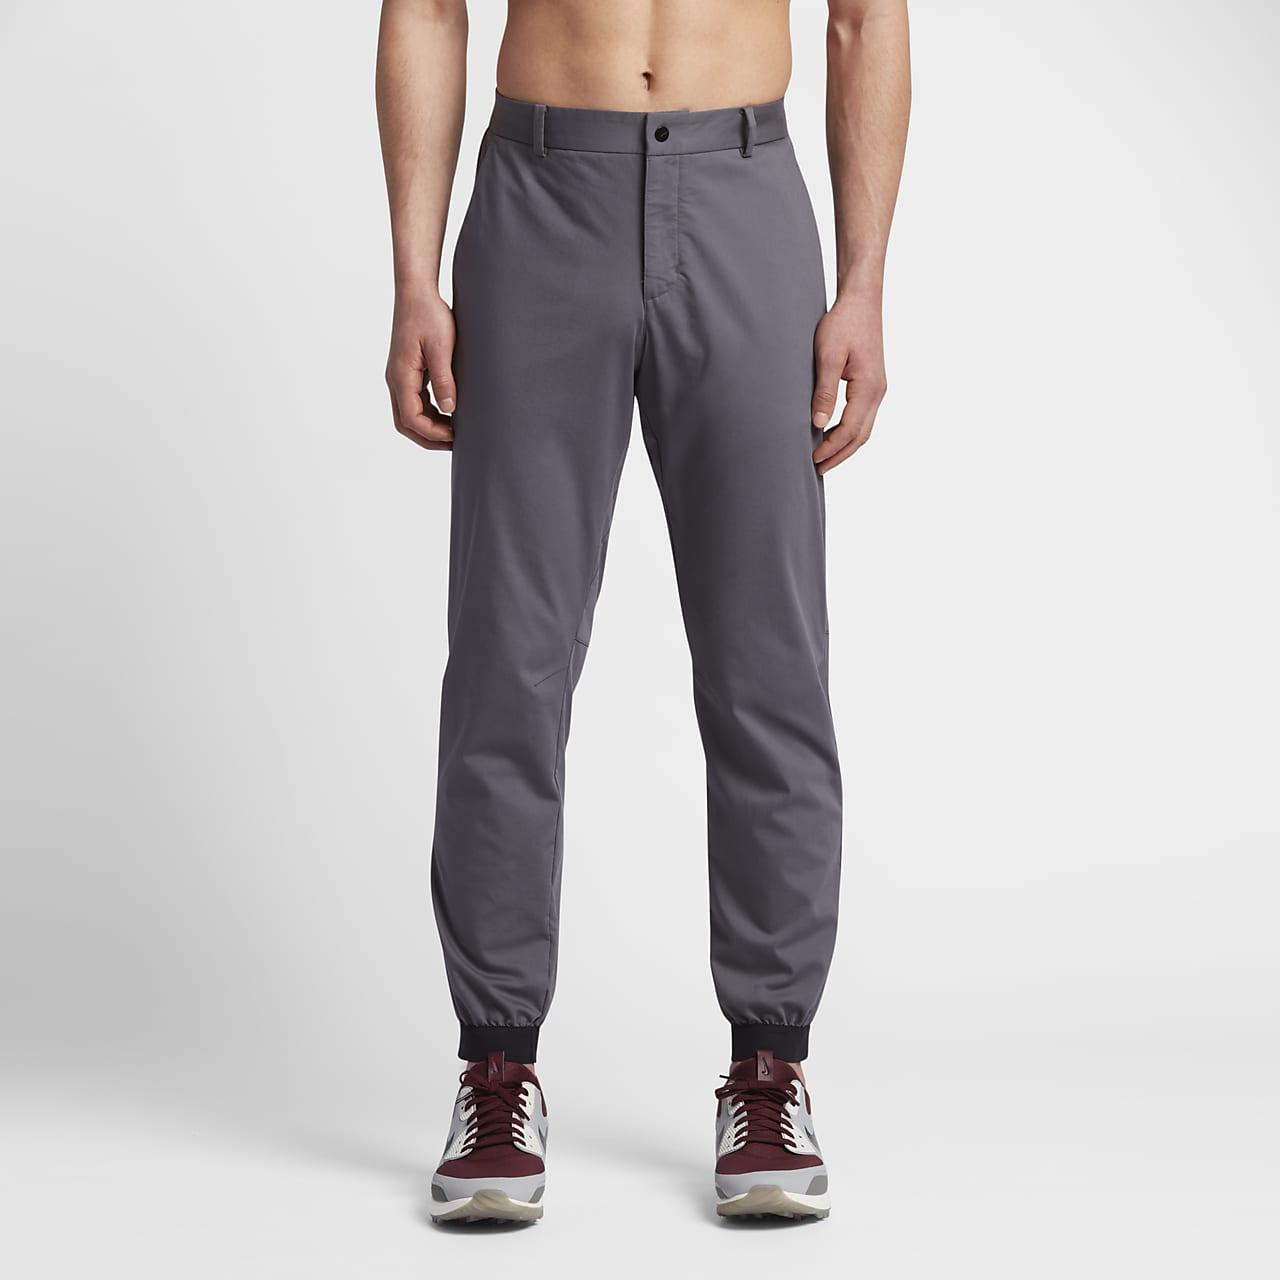 Nike Flex Trousers Slim Jogger Men's